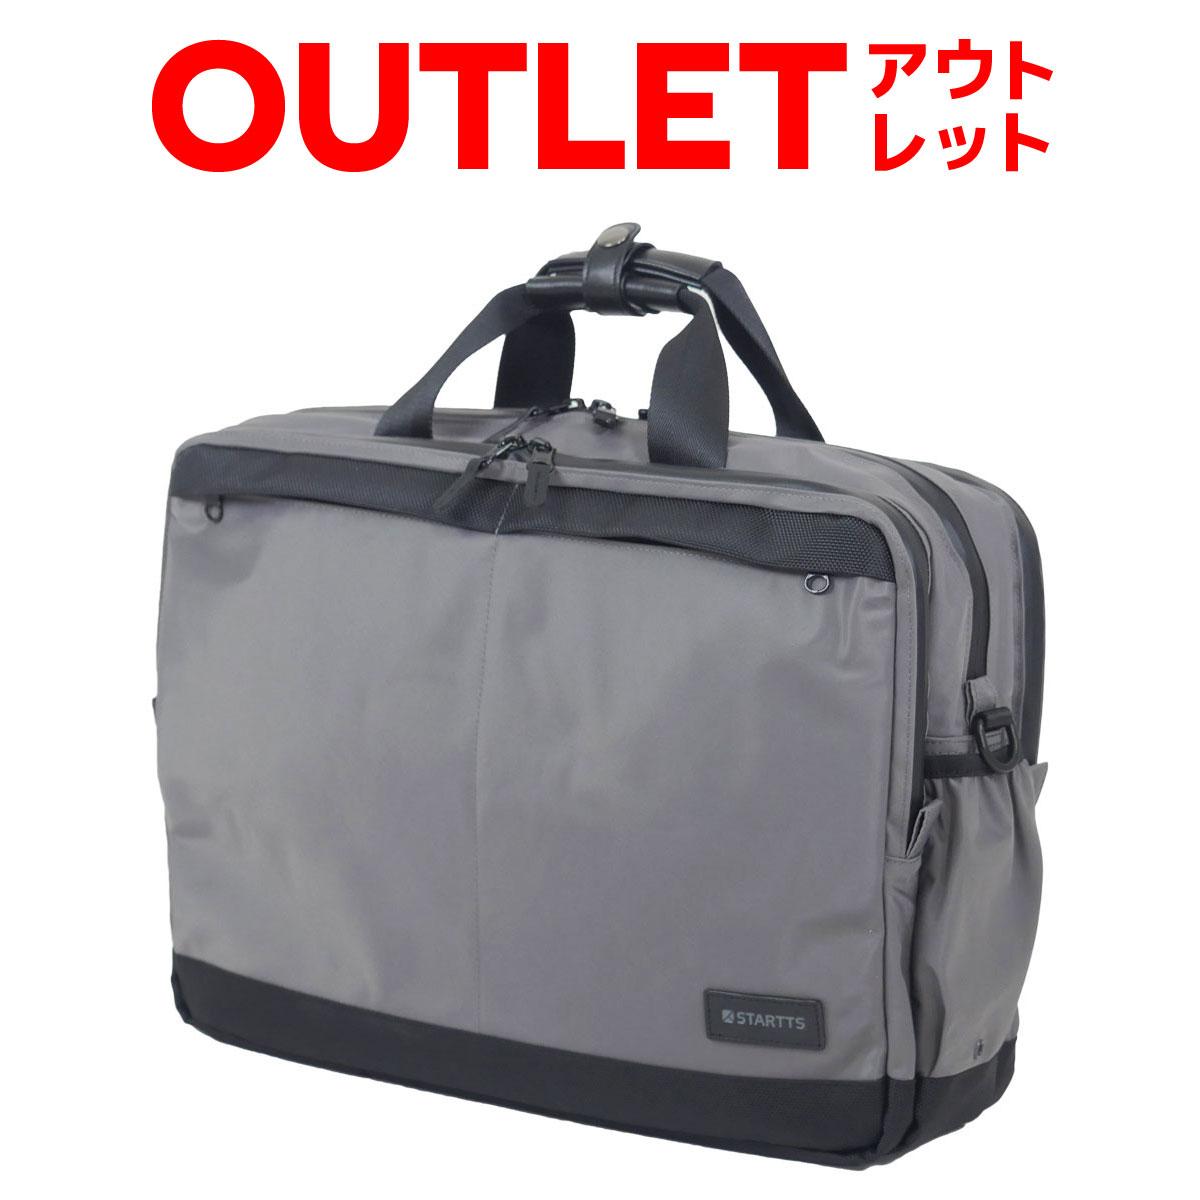 【アウトレット】3WAY ビジネスバッグ ビジカジ止水3WAY横キャリーオン スーツケースにセット WEAT WE-20 ビジネスリュック ブリーフケース